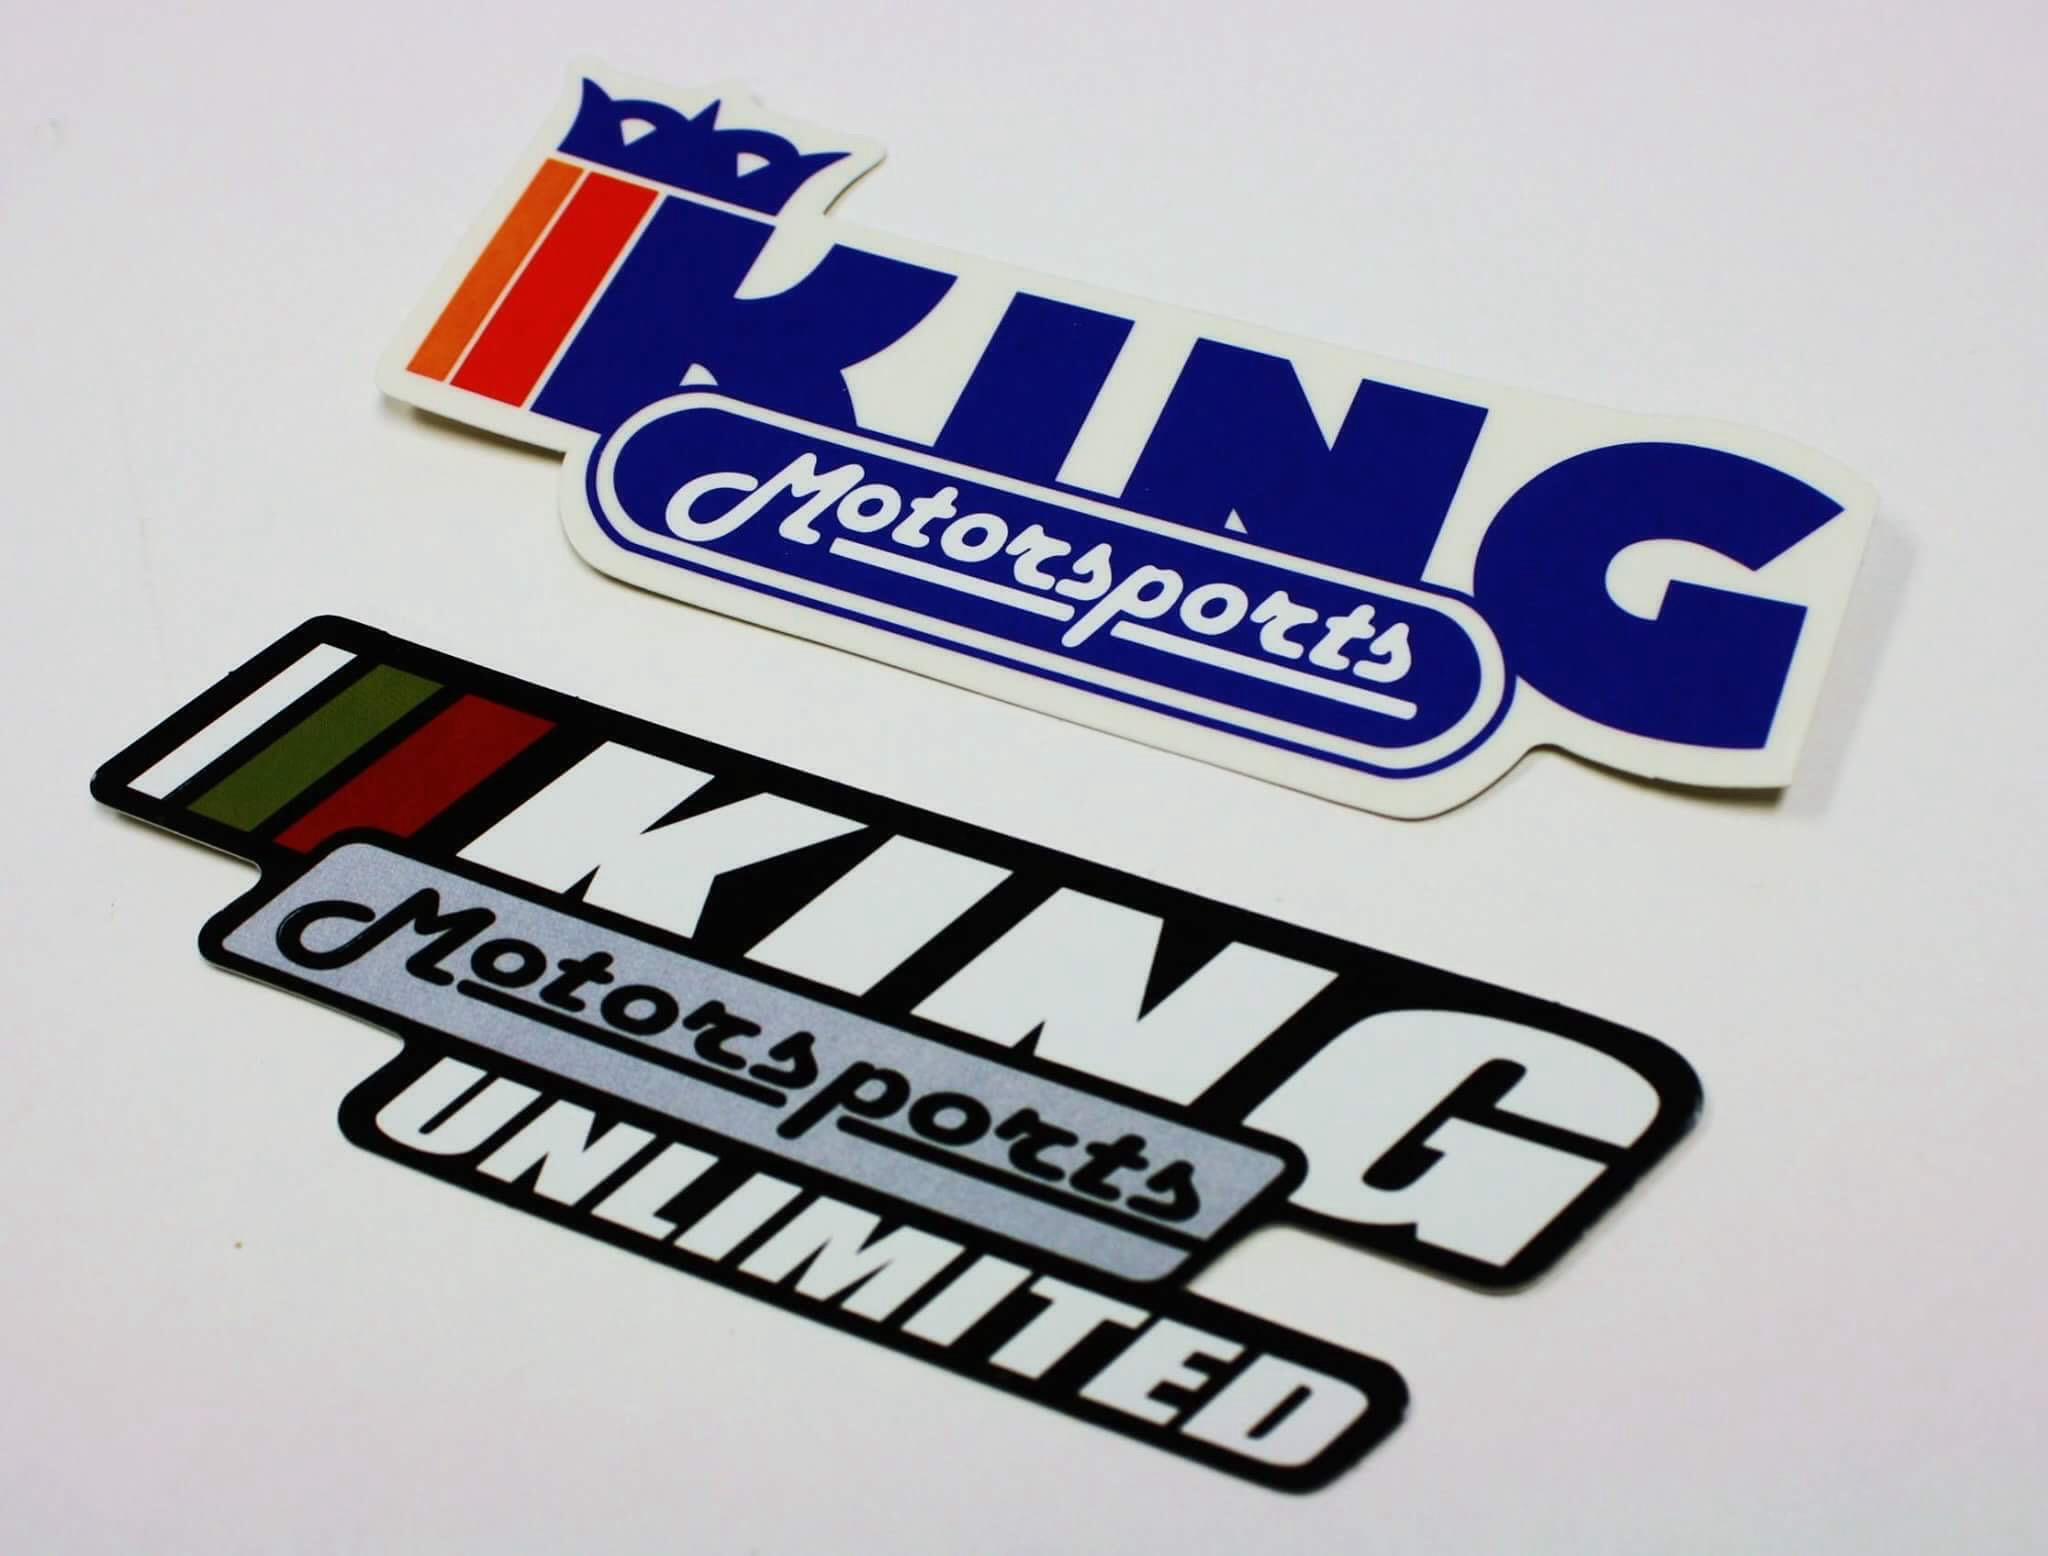 King motorsports decal set